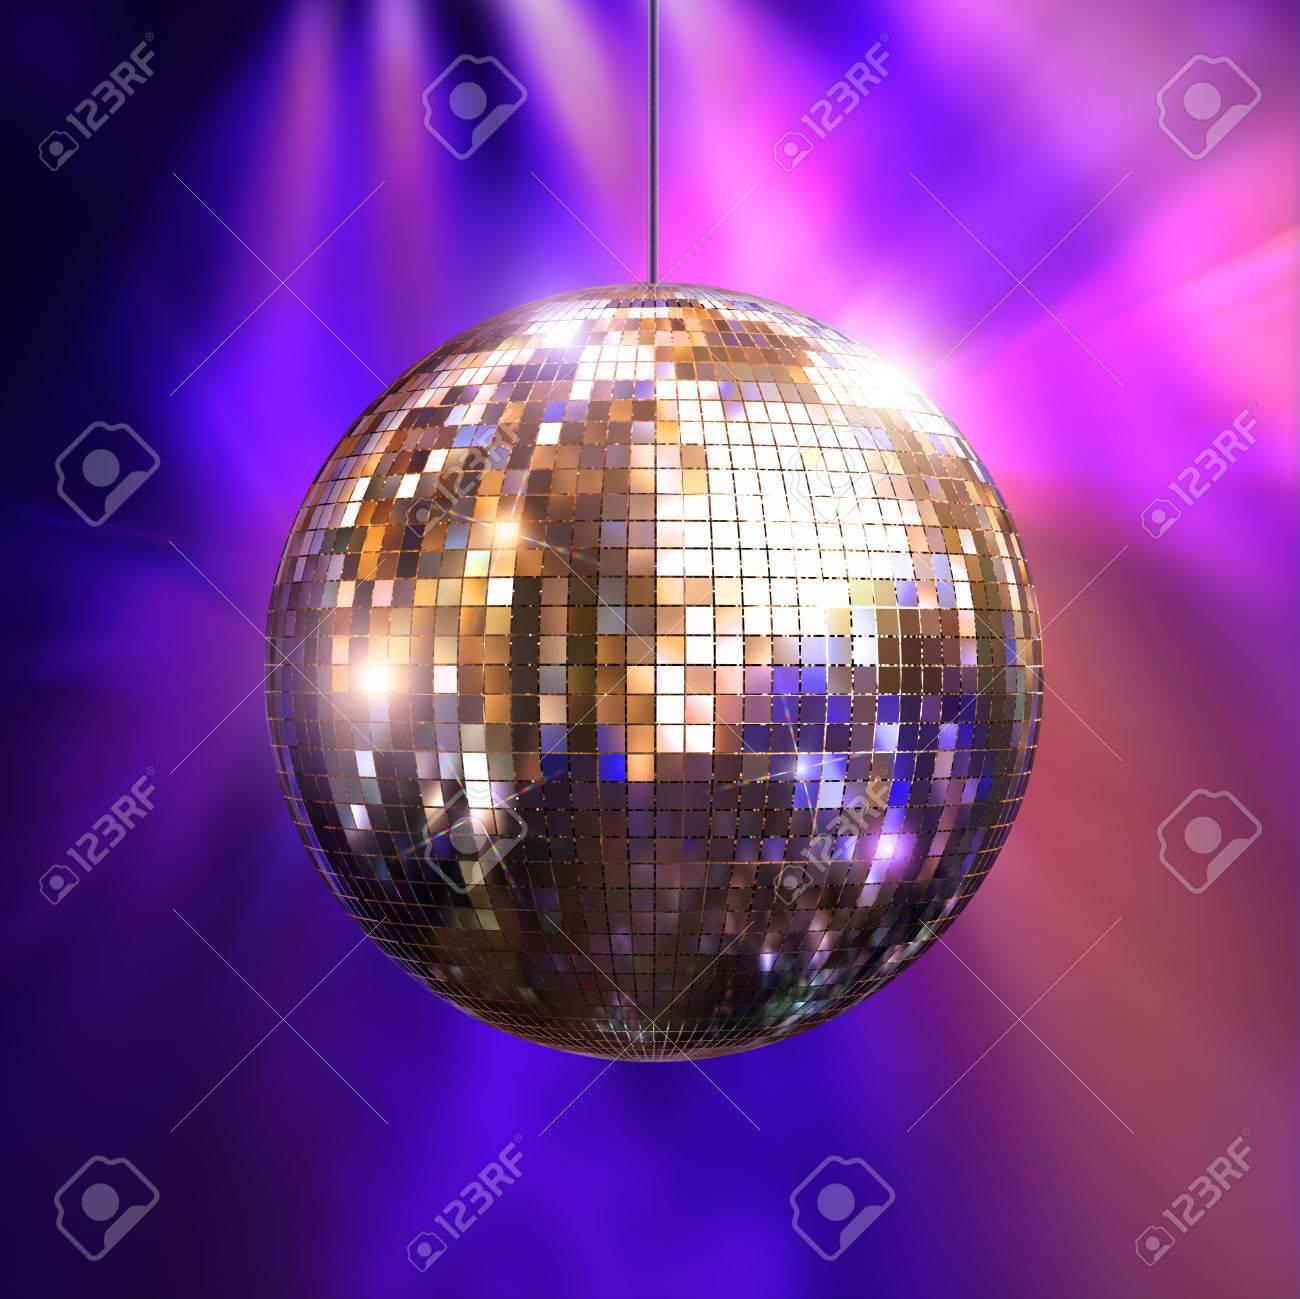 Immagini Palla Da Discoteca.Partito Luci Palla Da Discoteca Illustrazione 3d